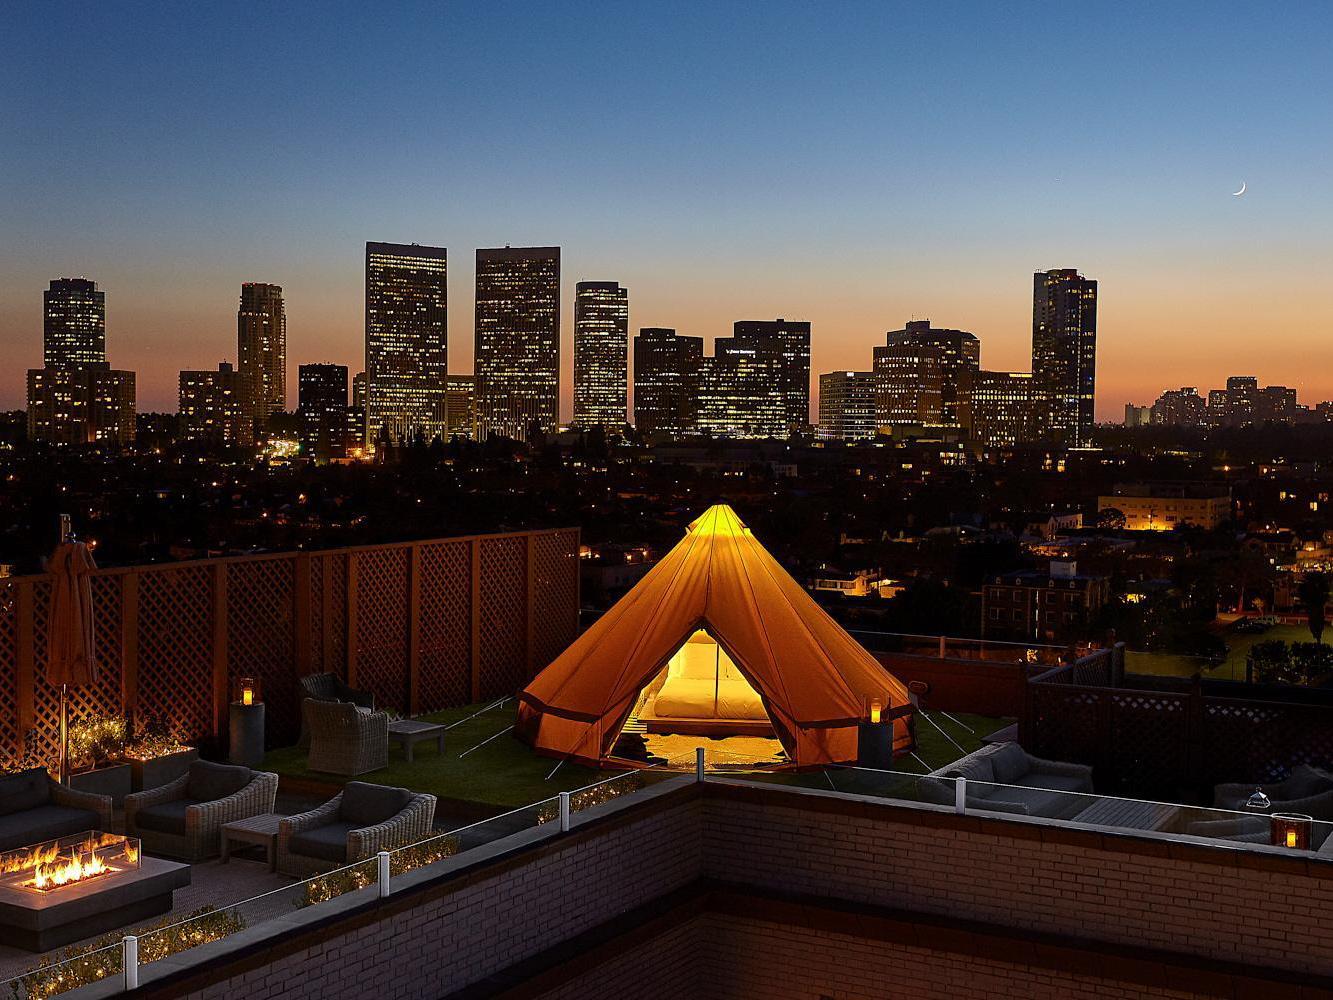 浪漫的野外露营 帐篷酒店贝弗利威尔希尔阳台套房